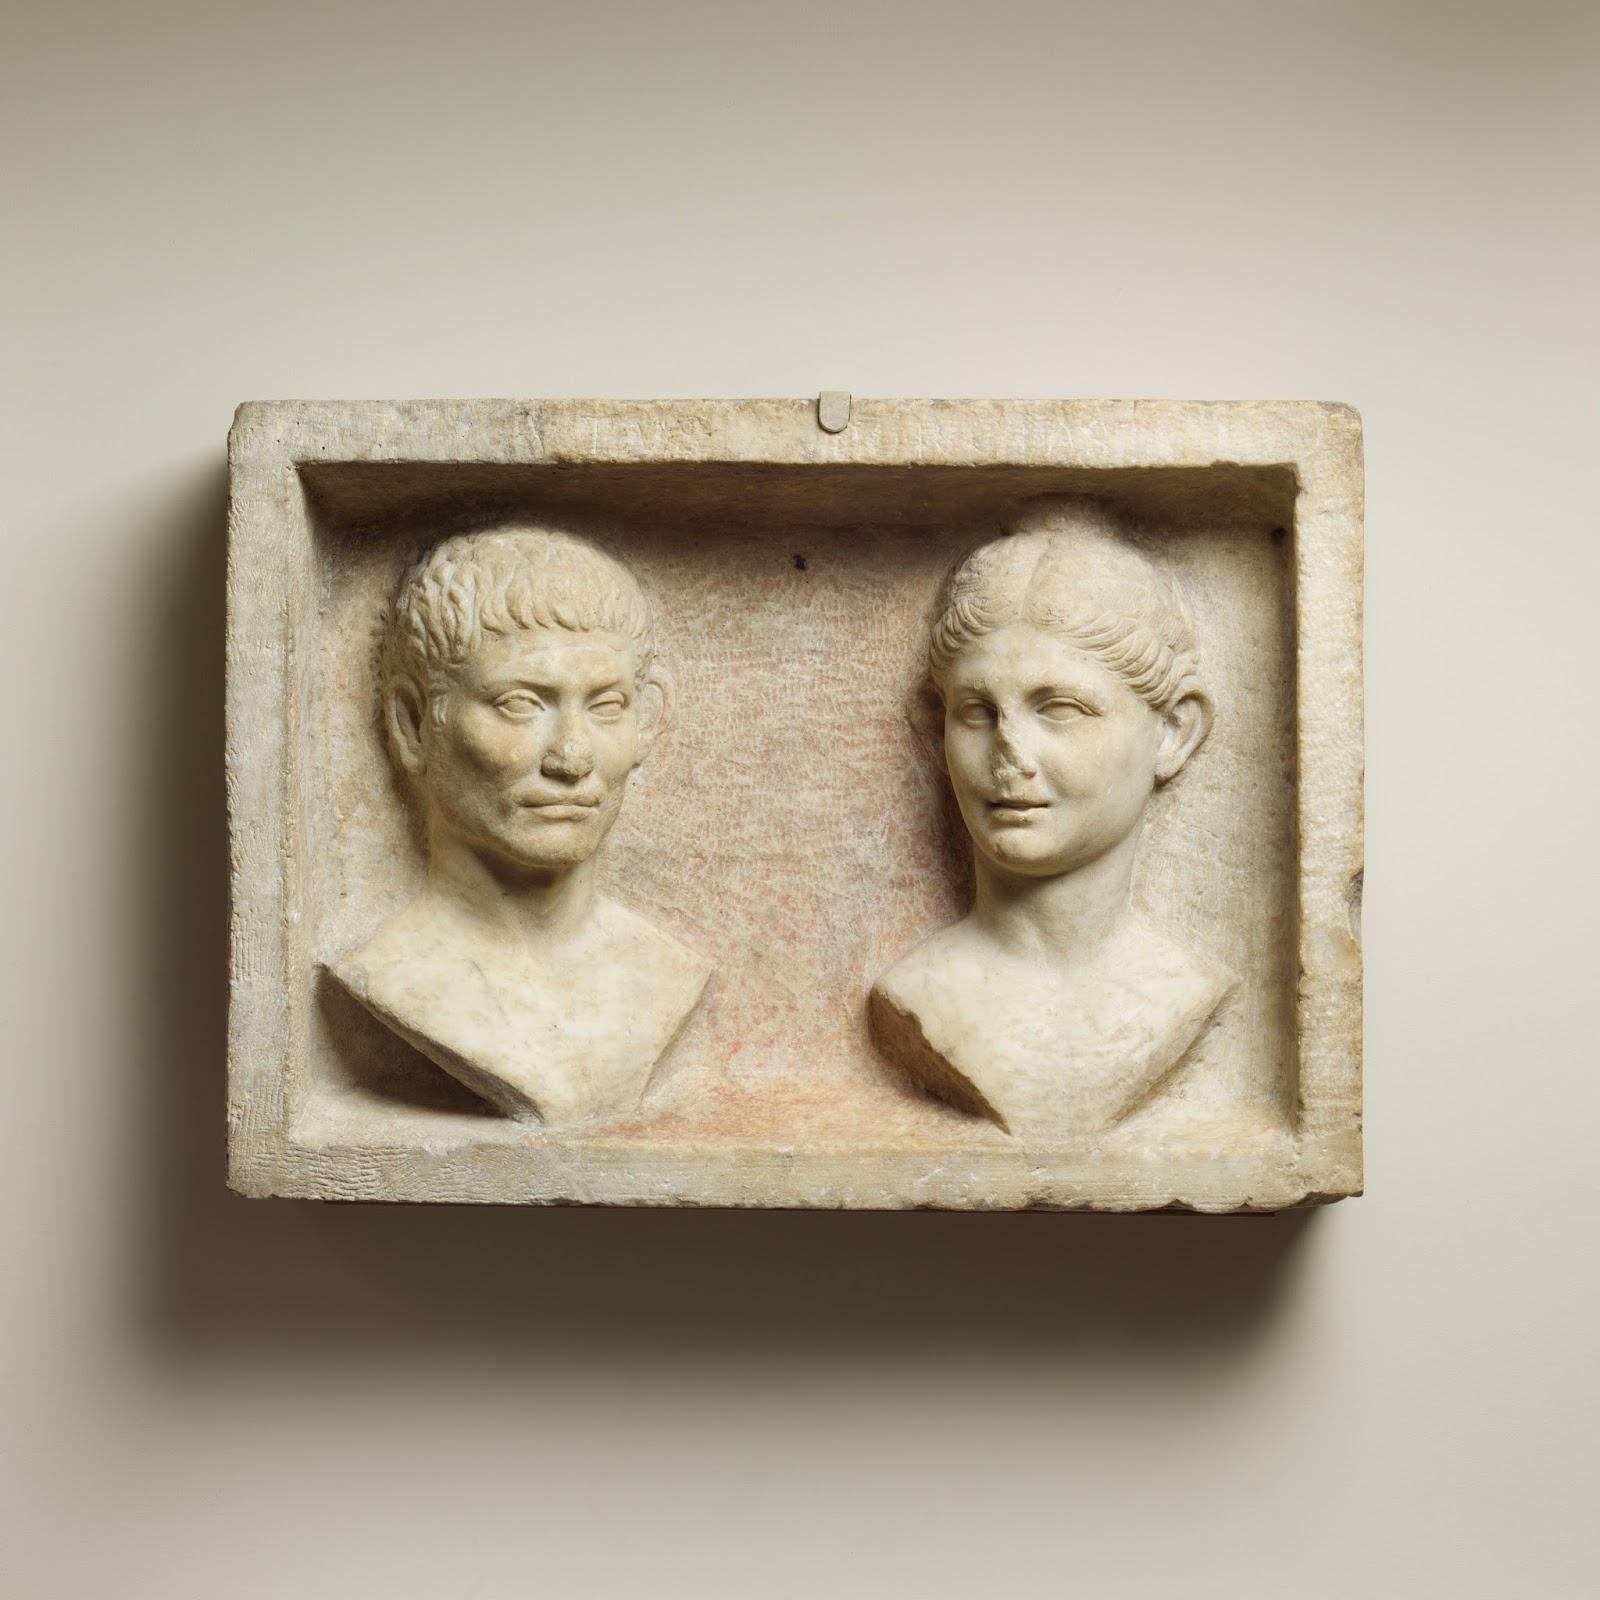 Matrimonio Romano Iustae Nuptiae : Domvs romana: concubina et contubernalis ser pareja en época romana